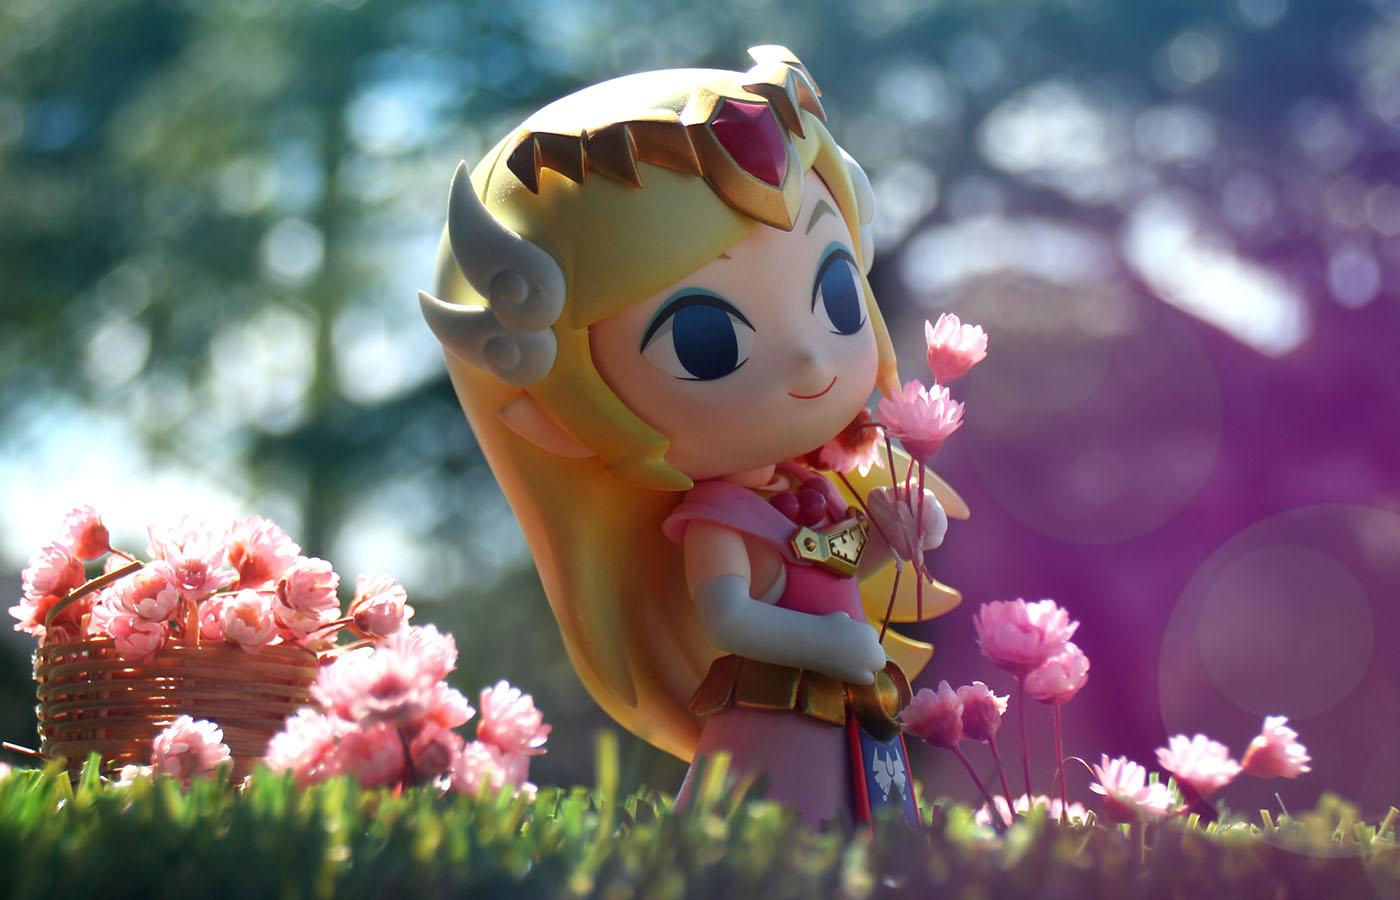 5 personagens femininas que gostei de encontrar no mundo dos games